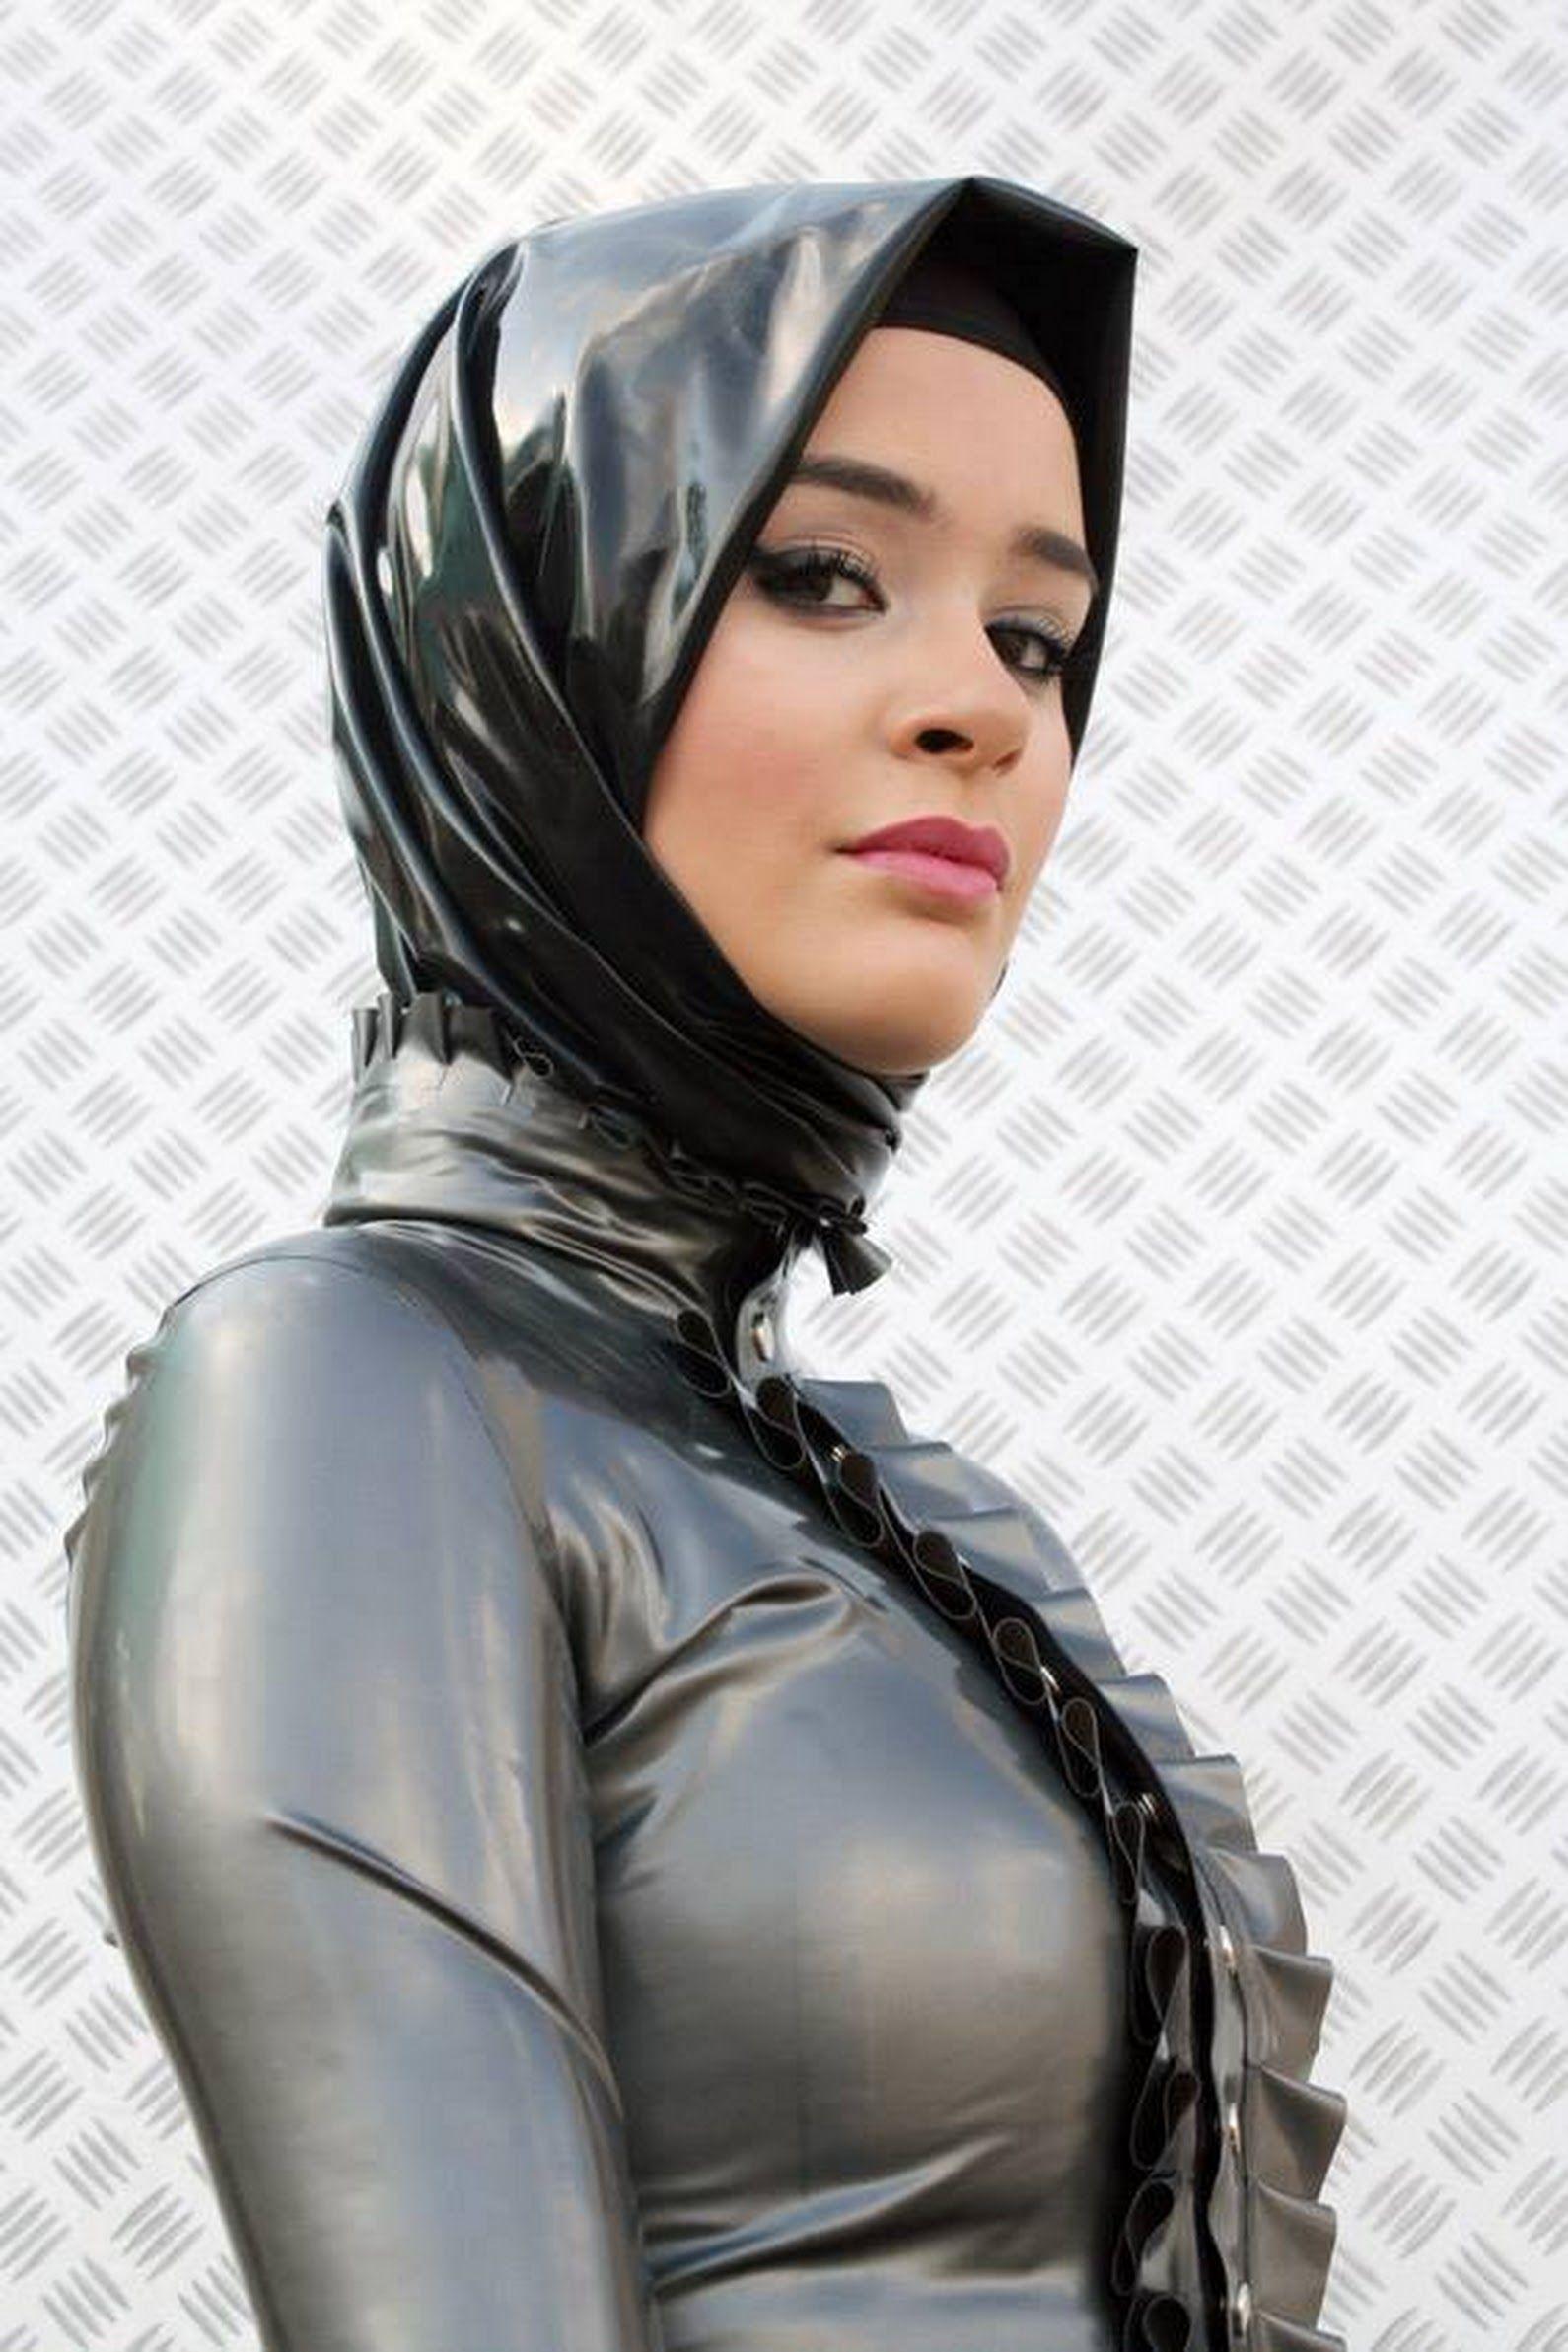 Chiffon Hijab Schl Kopftuch Haartuch für muslimische Frauen Islamische